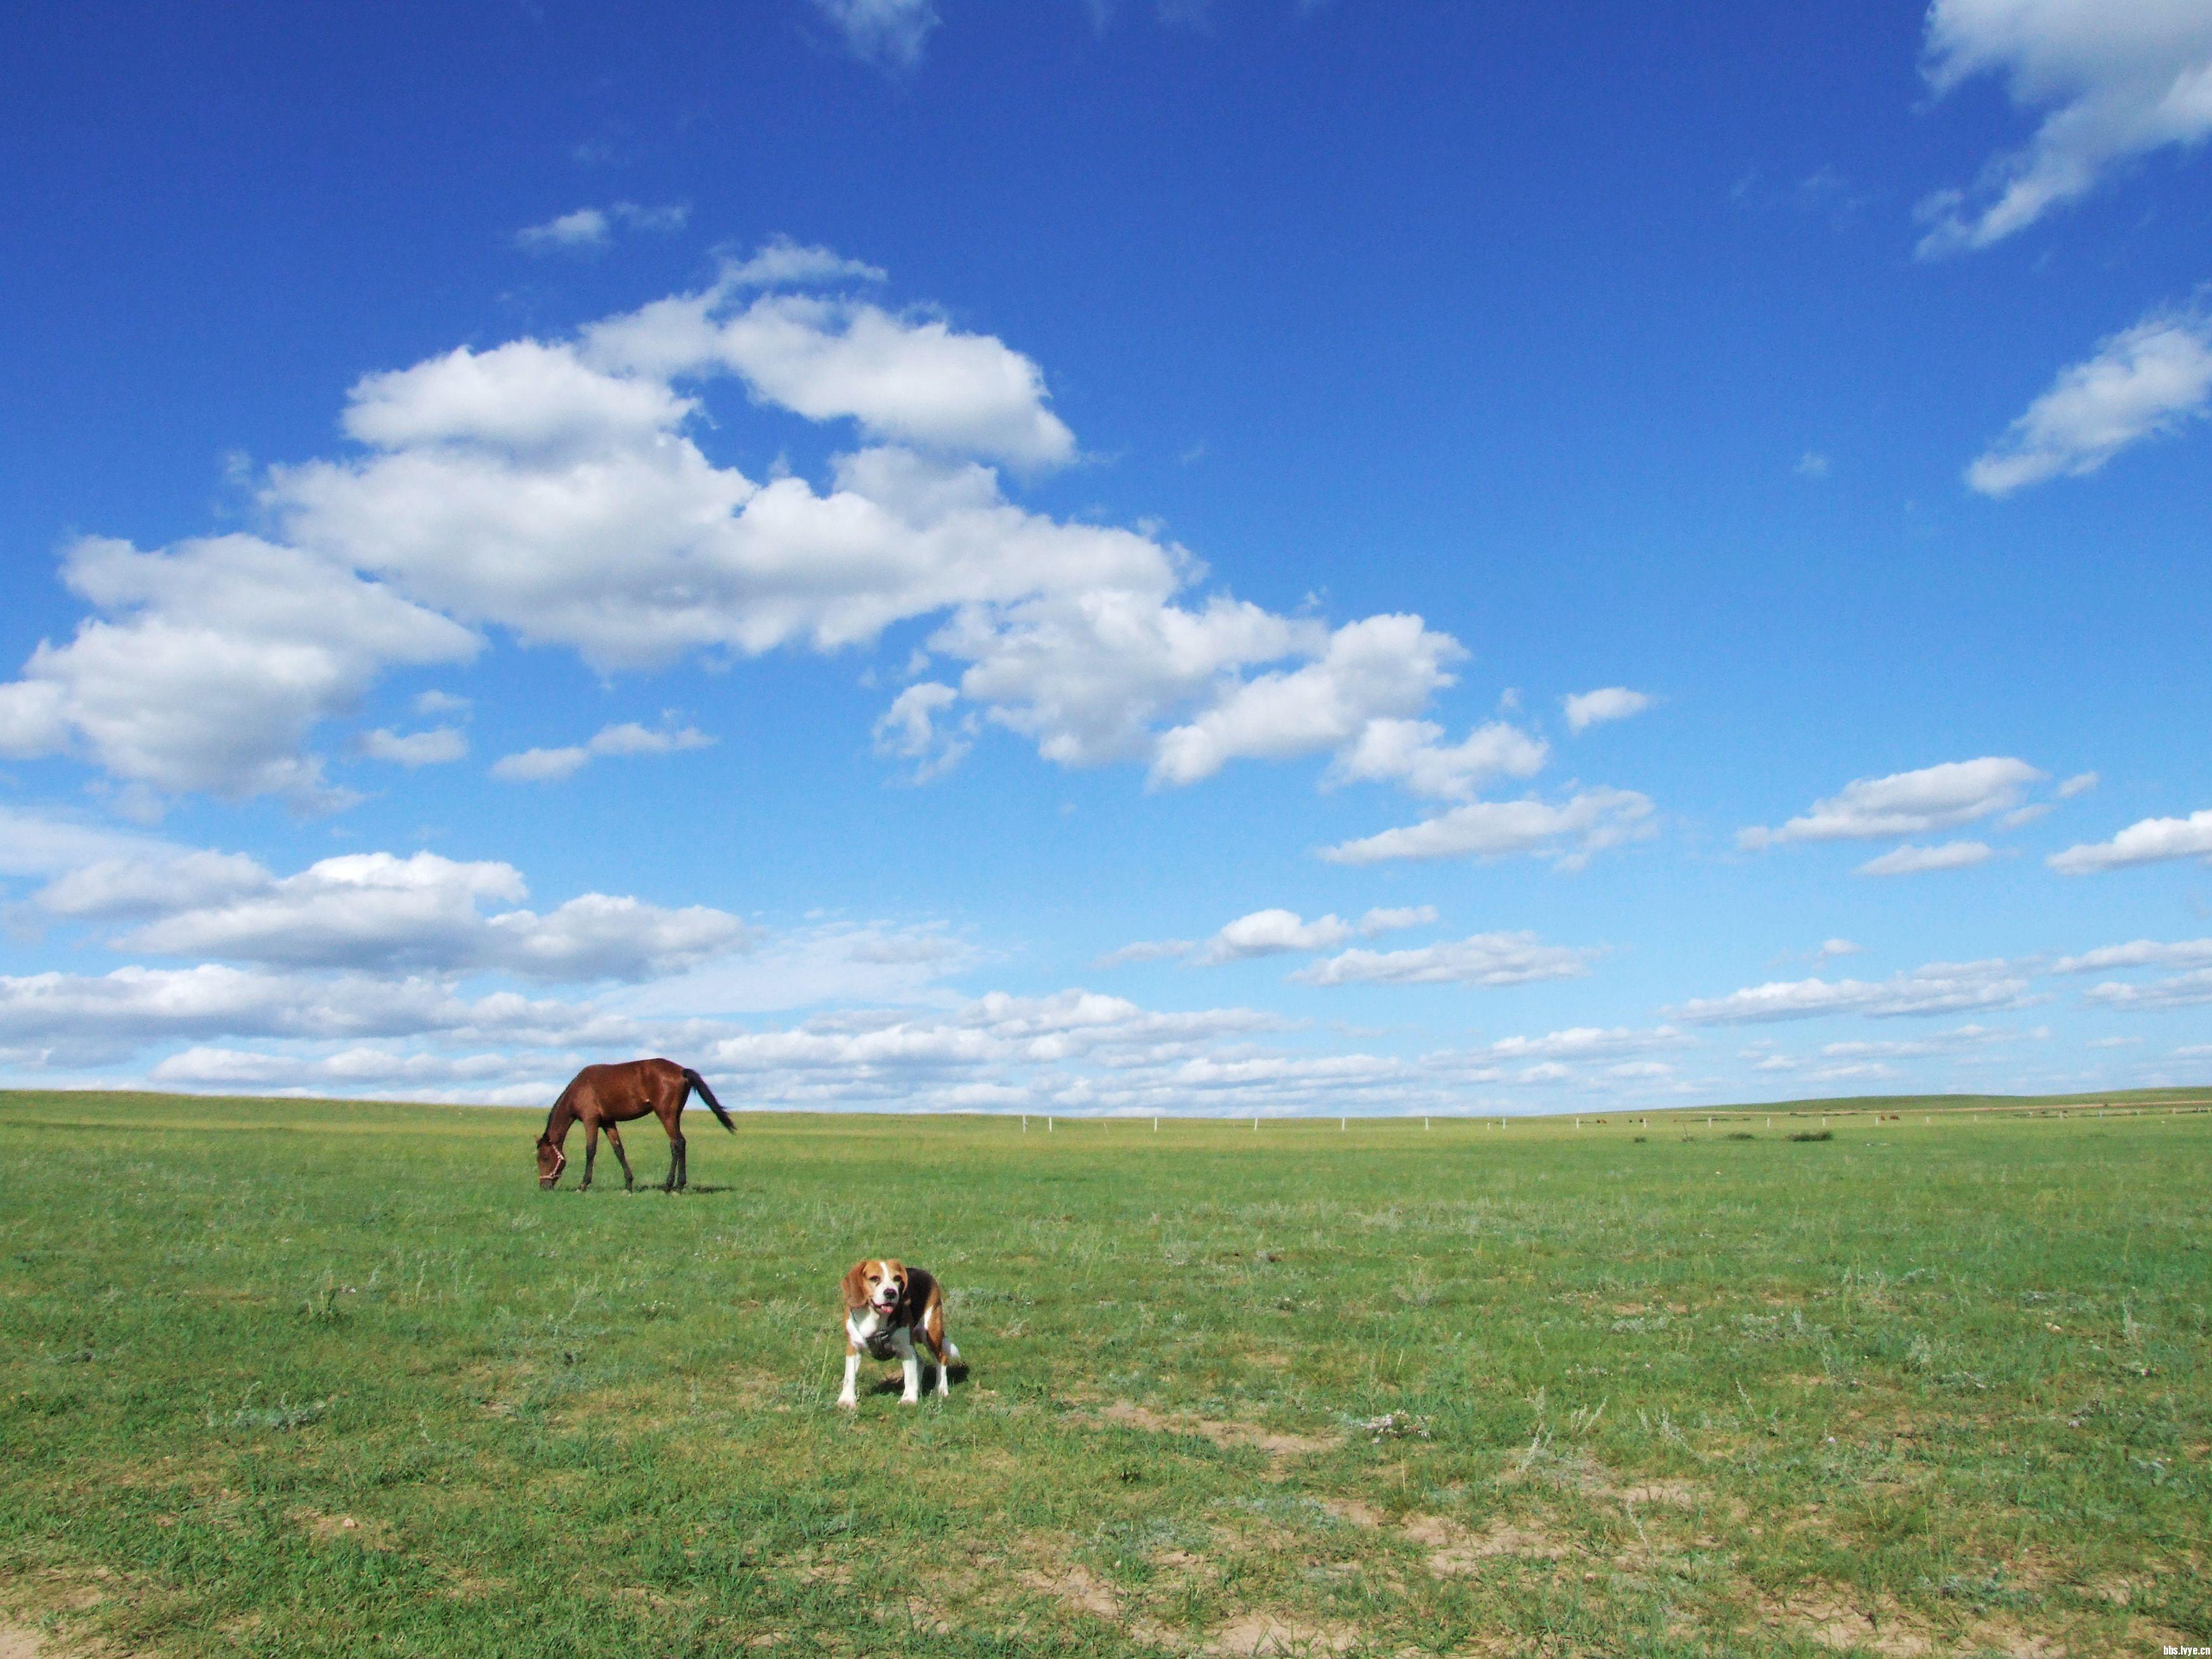 呼伦贝尔大草原唯美自然风景桌面壁纸 风景壁纸 壁